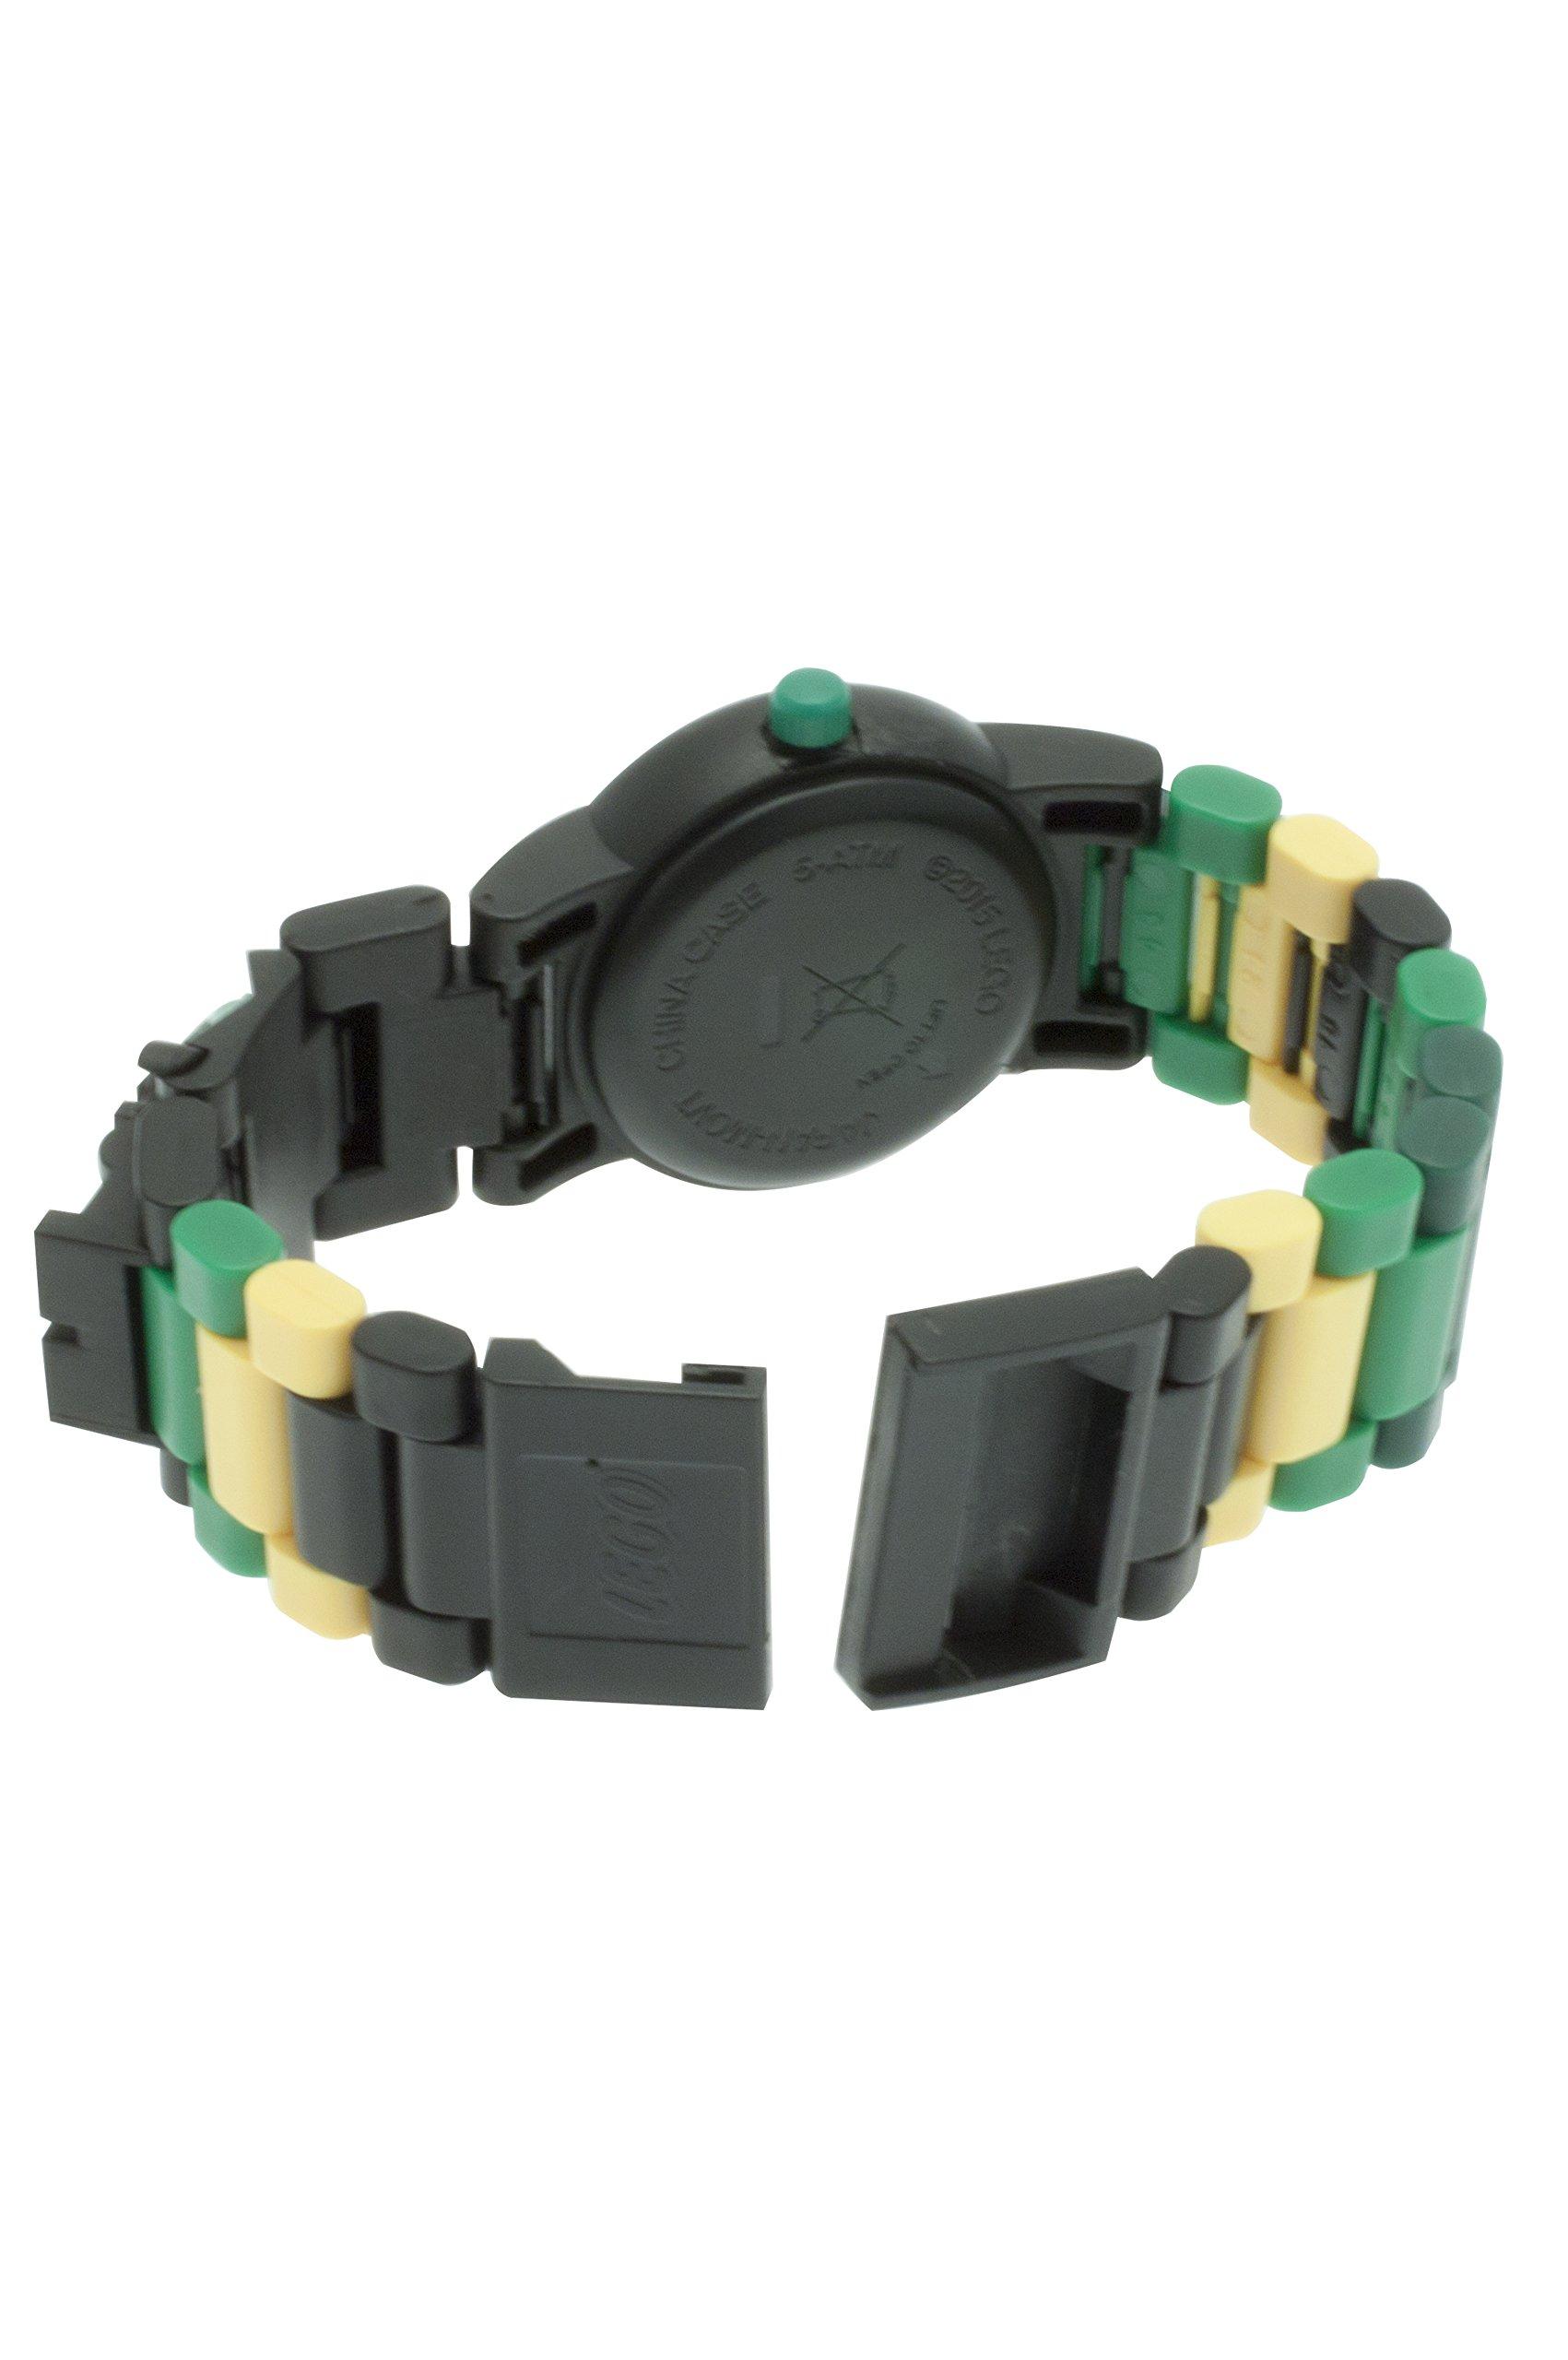 LEGO Ninjago 8020554 Sky Pirates Lloyd Kinder-Armbanduhr mit Minifigur und Gliederarmband zum Zusammenbauen  grün/schwarz  Kunststoff  analoge Quarzuhr  Junge/Mädchen  offiziell